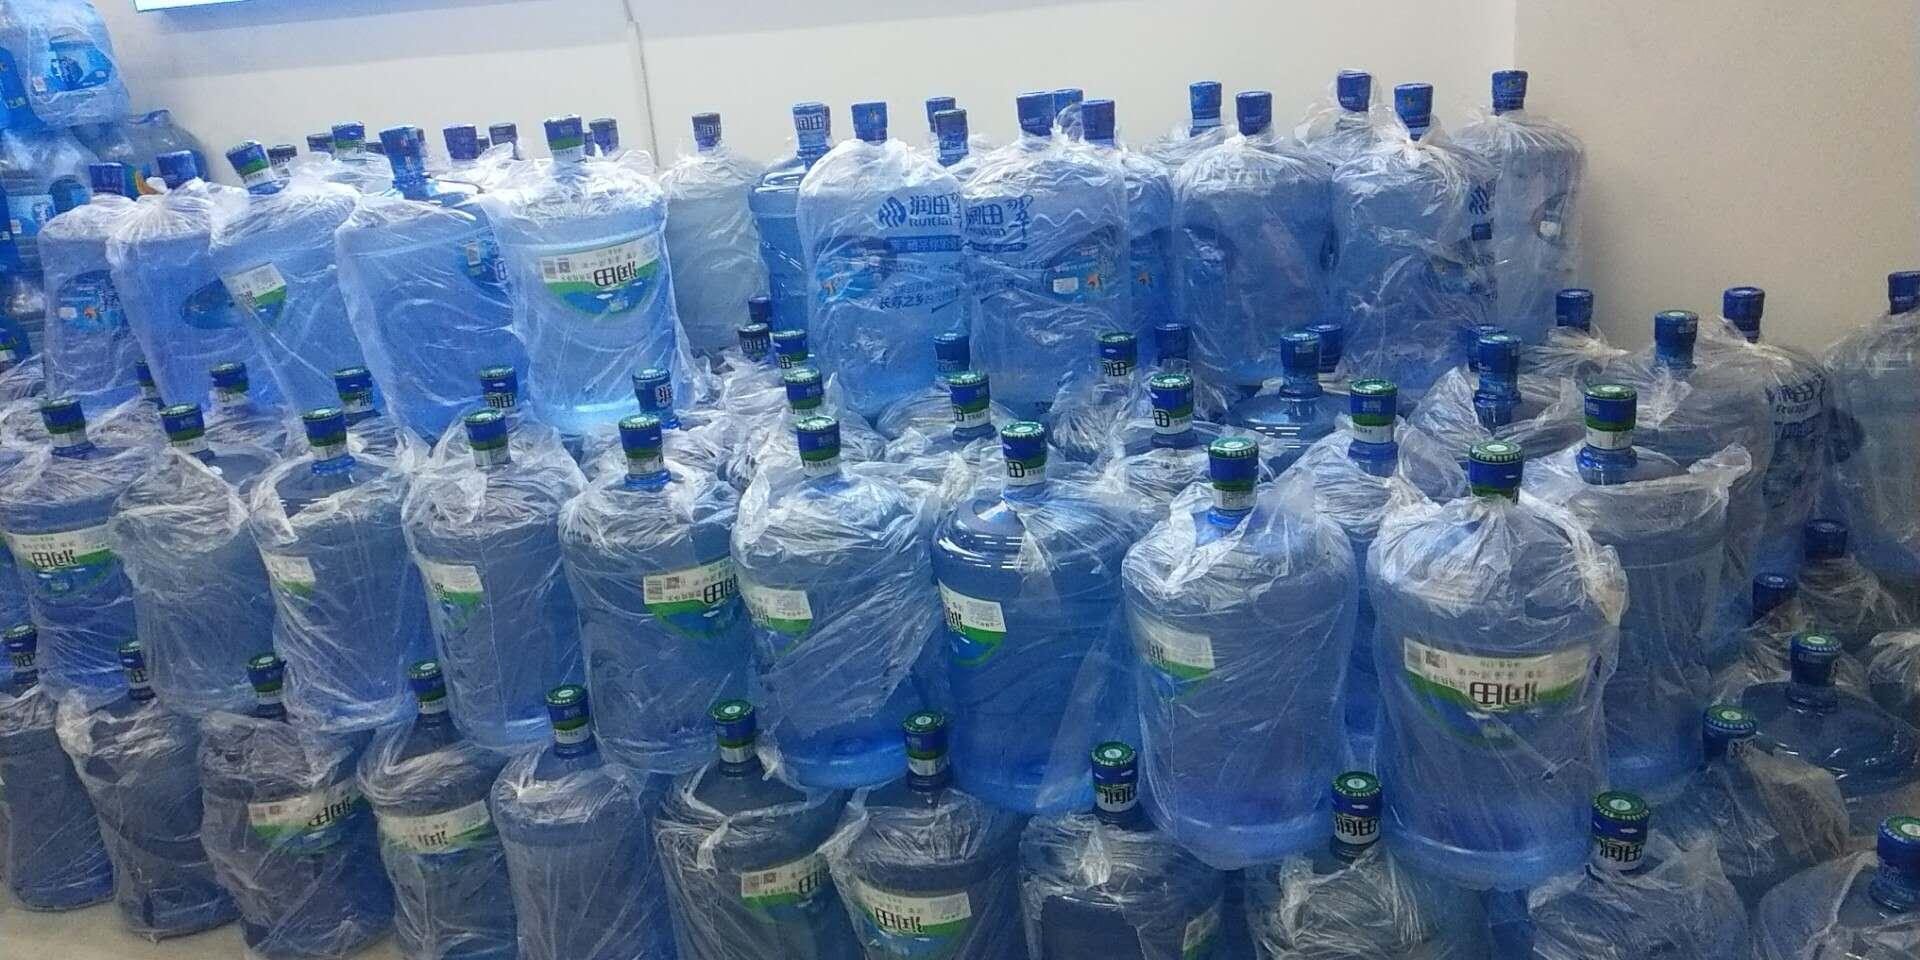 市场上常见的桶装水类型